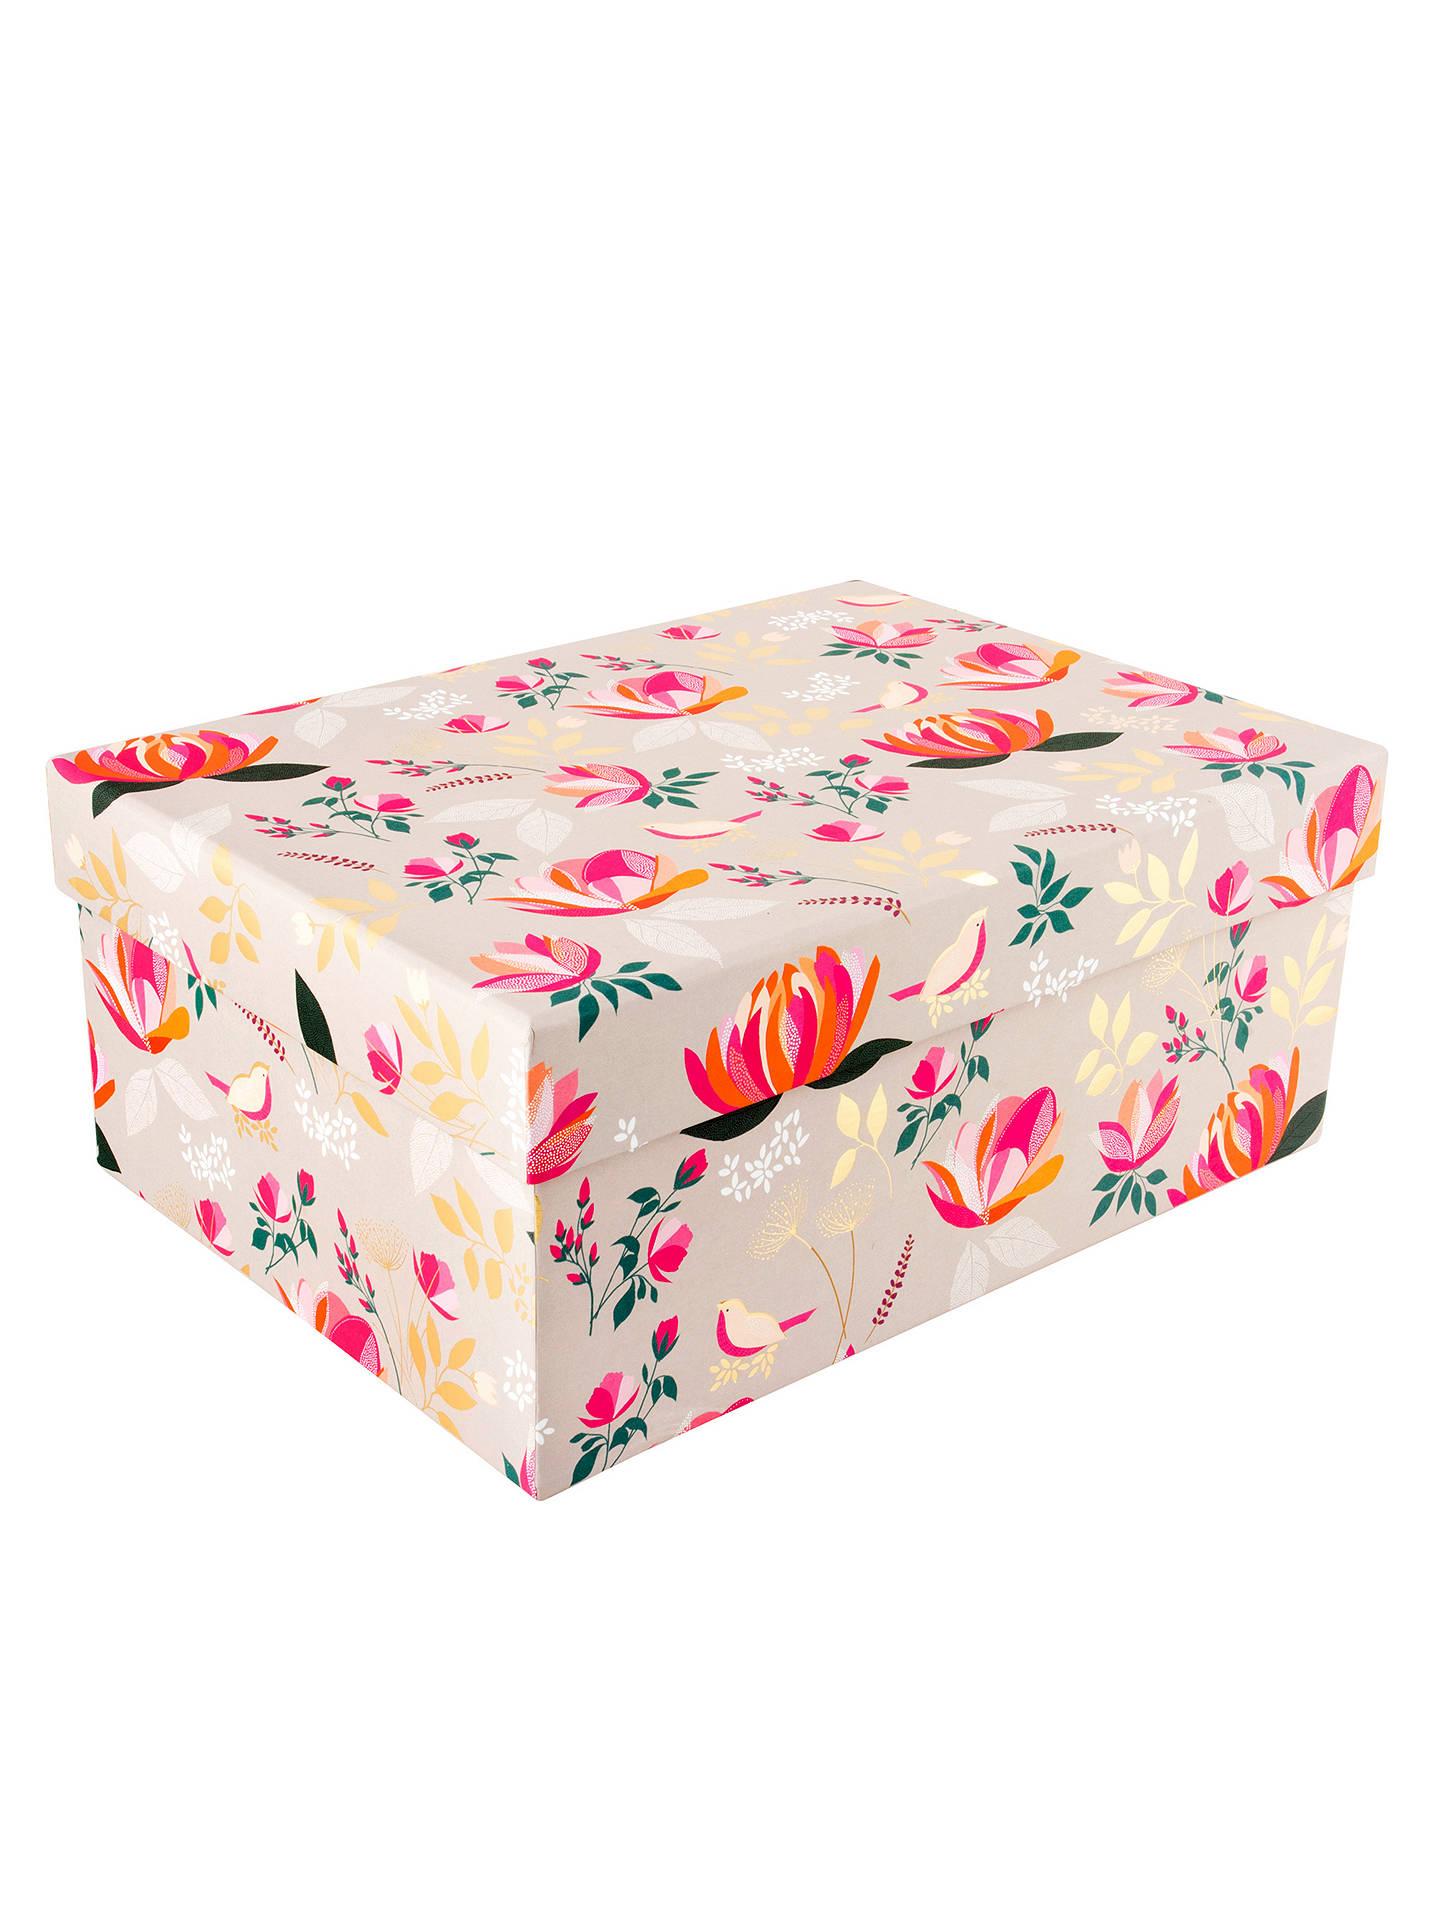 Sara Miller Floral Gift Box Large At John Lewis Partners